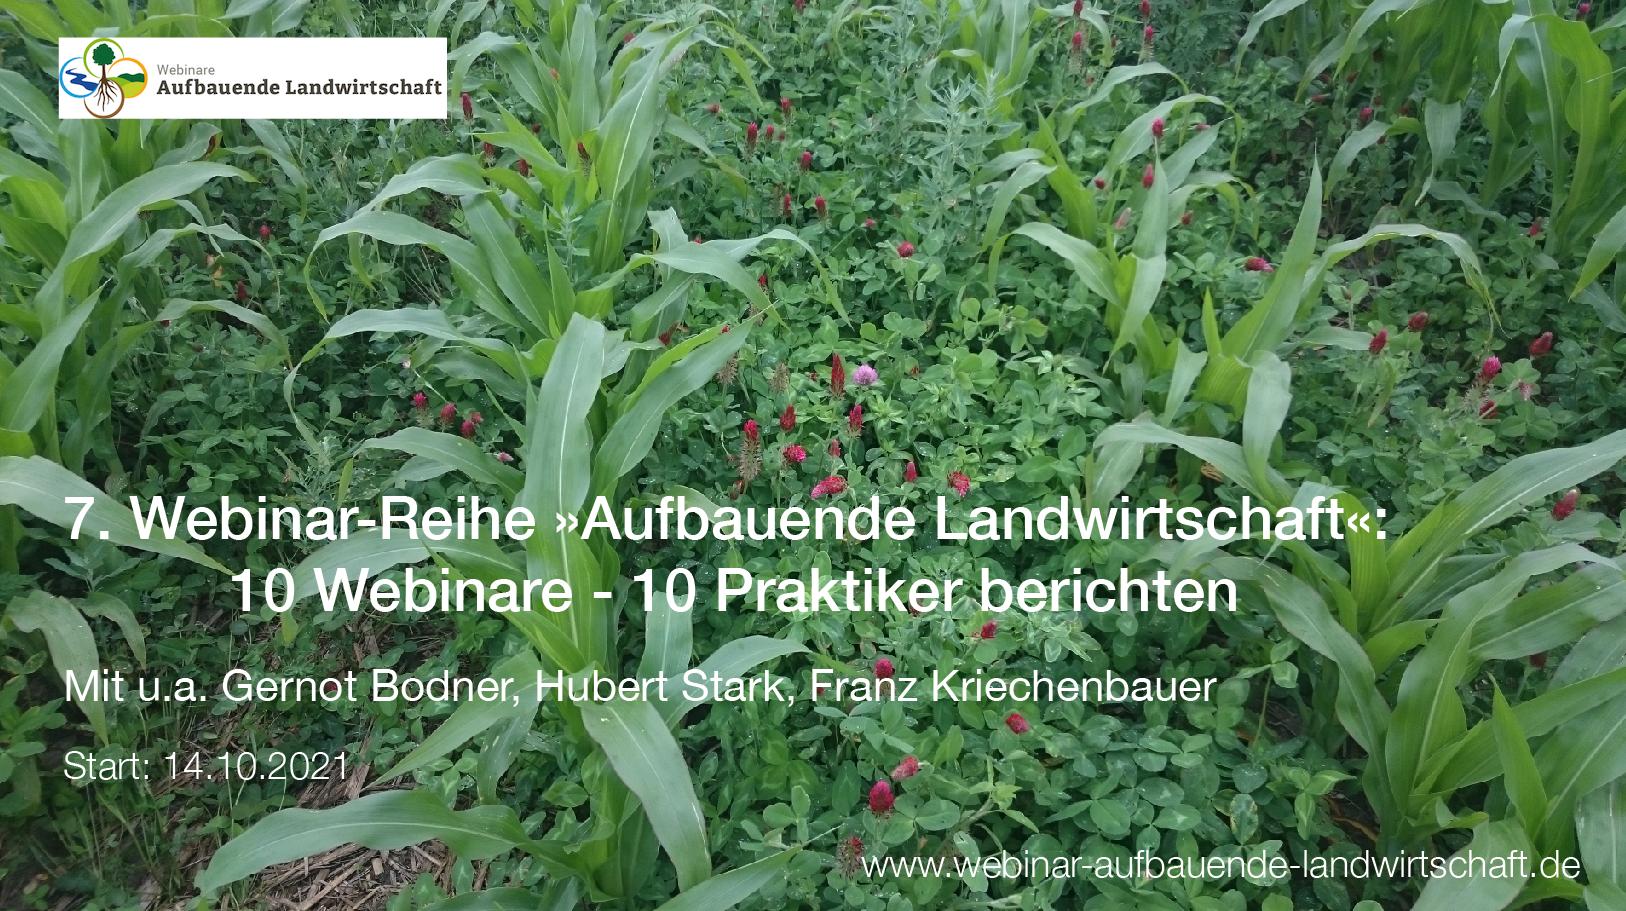 """Die 7. Webinar-Reihe """"Aufbauende Landwirtschaft"""" mit 10 spannenden ReferentInnen, ab 14.10.2021"""